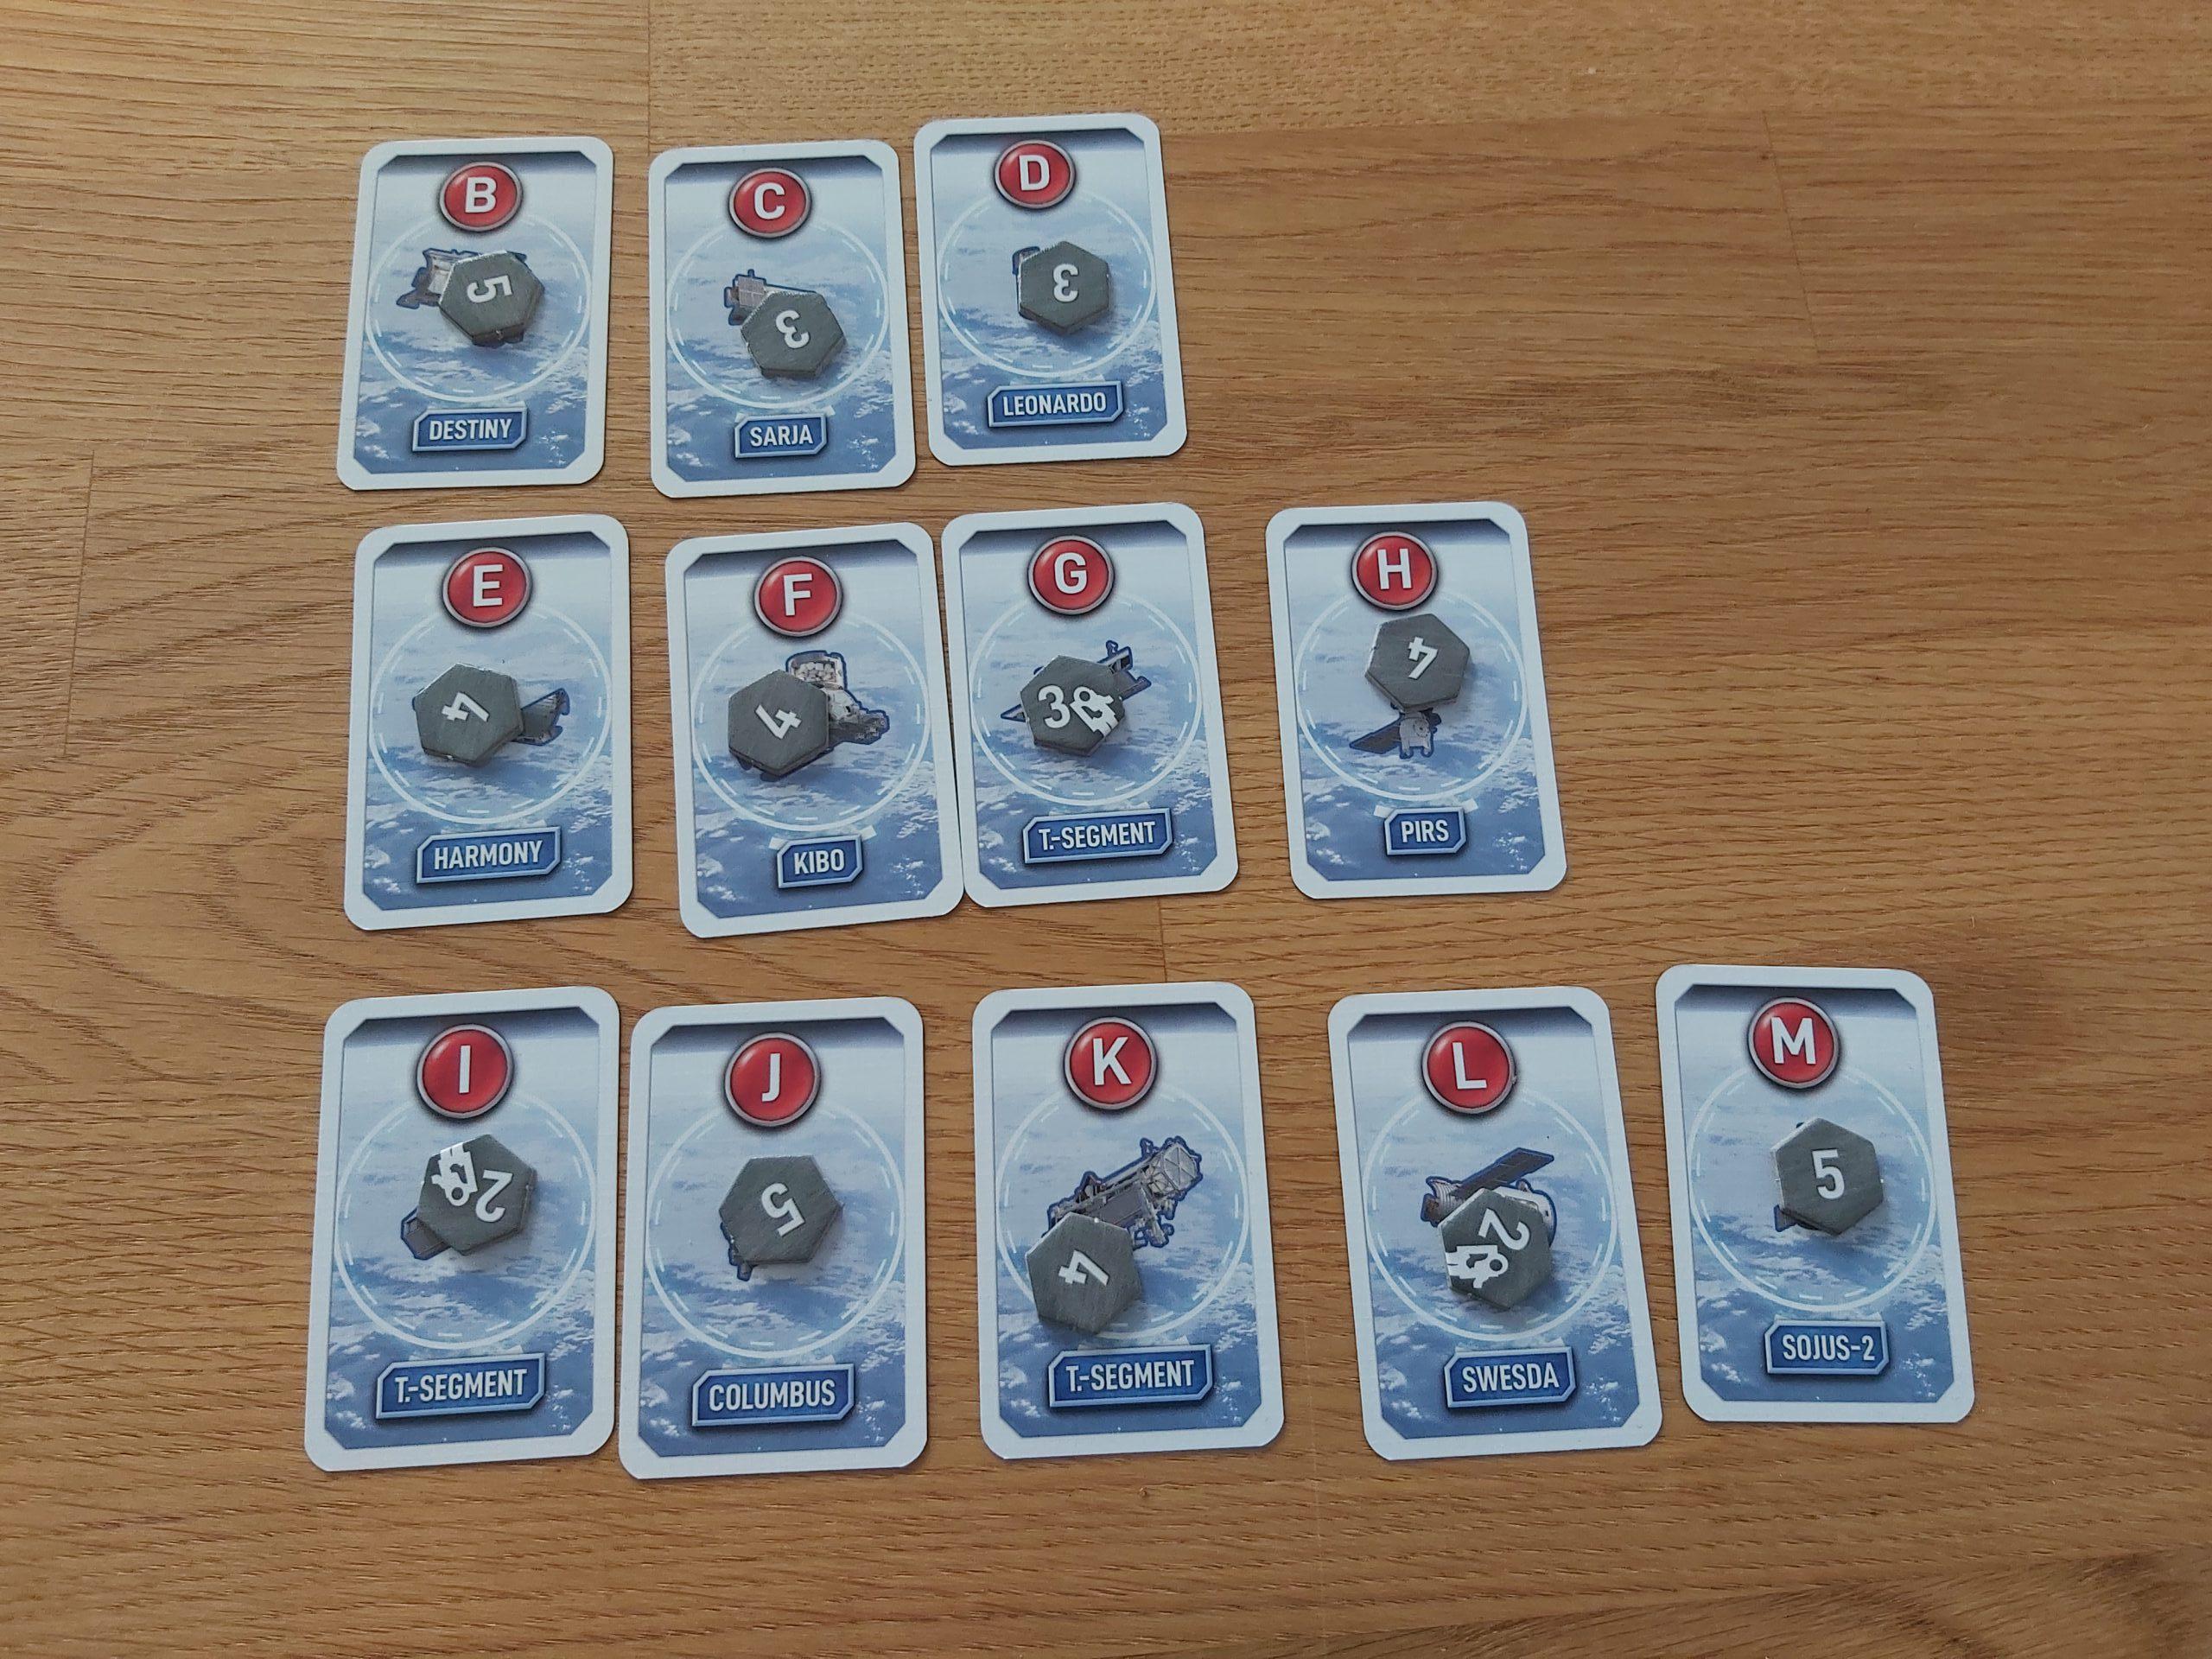 Zu sehen sind die Modulkarten von Mission ISS.